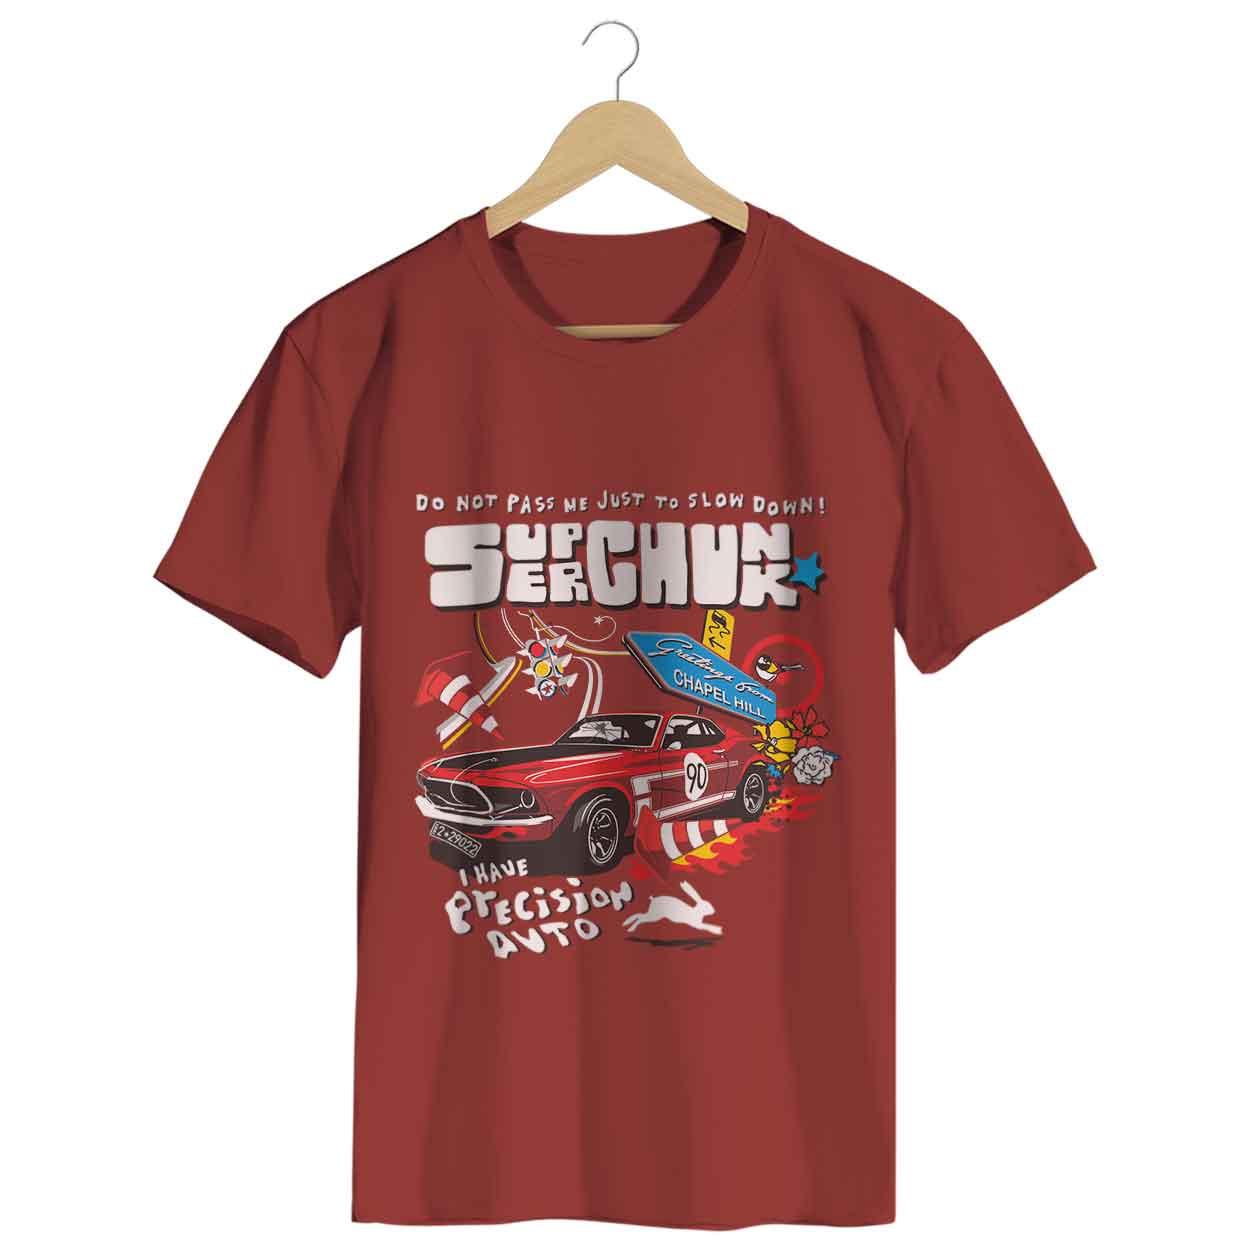 Camiseta Precision Auto - Superchuck - Masculino